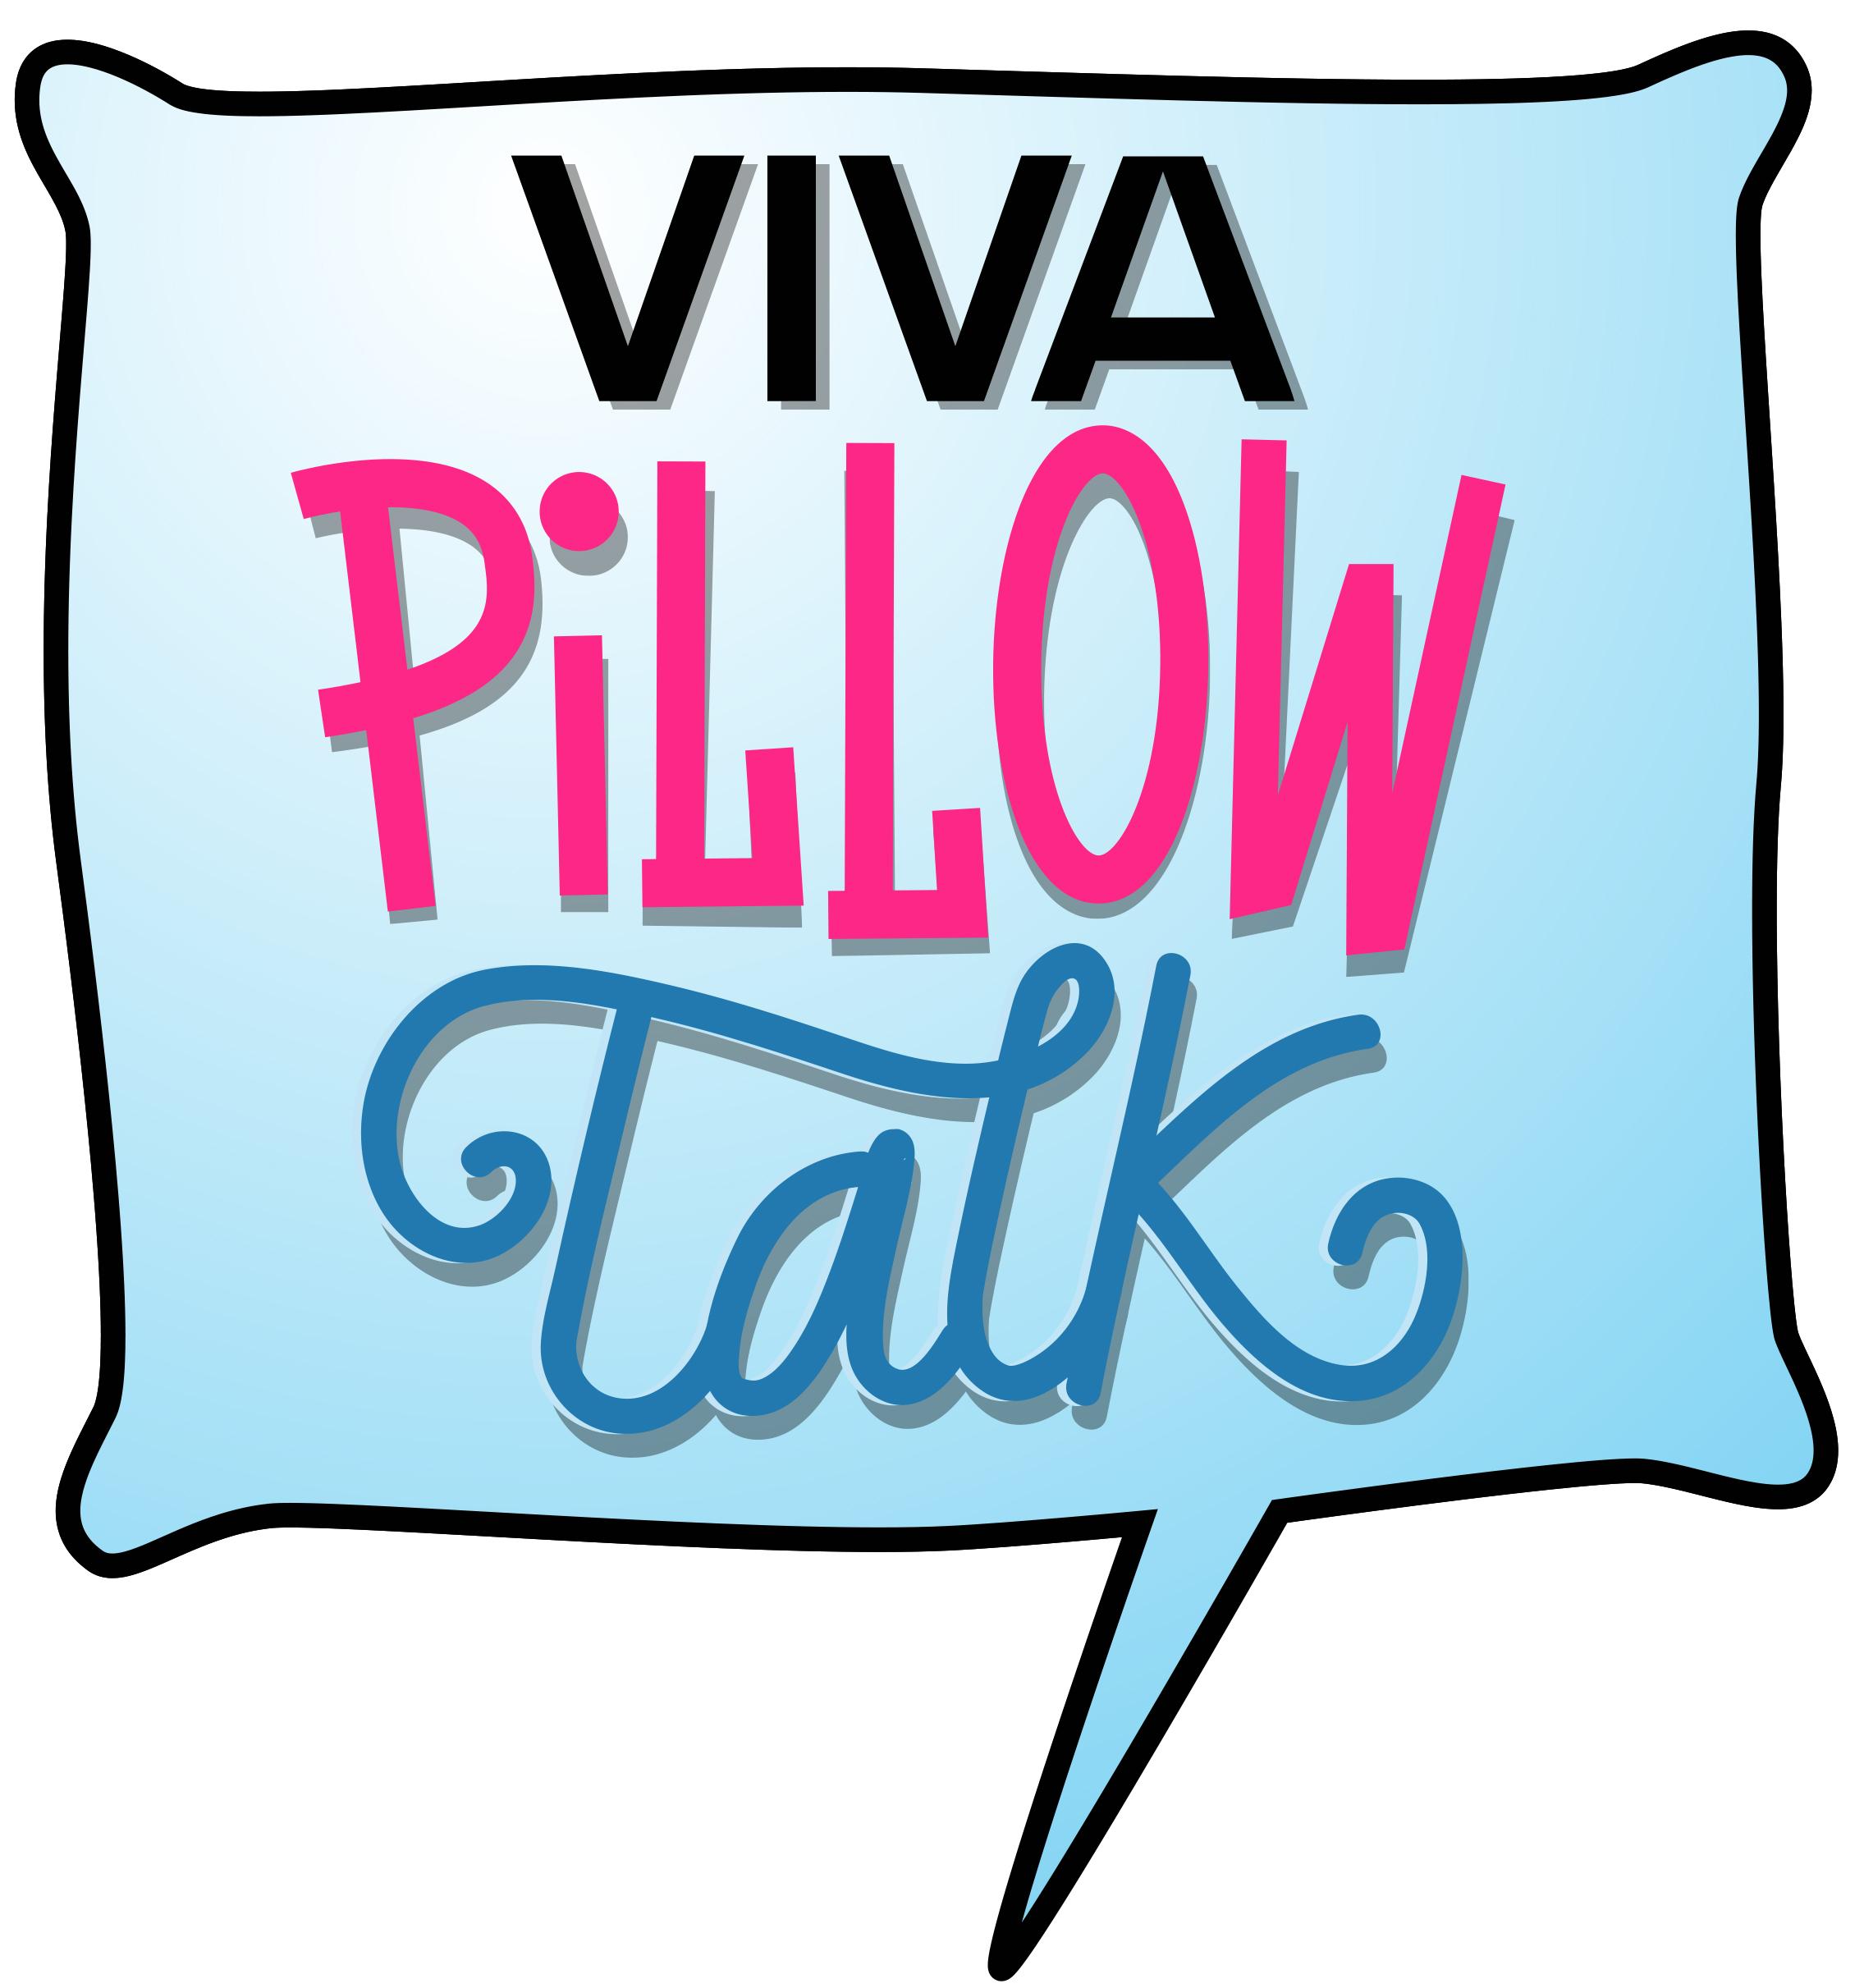 VIVA Pillow Talk